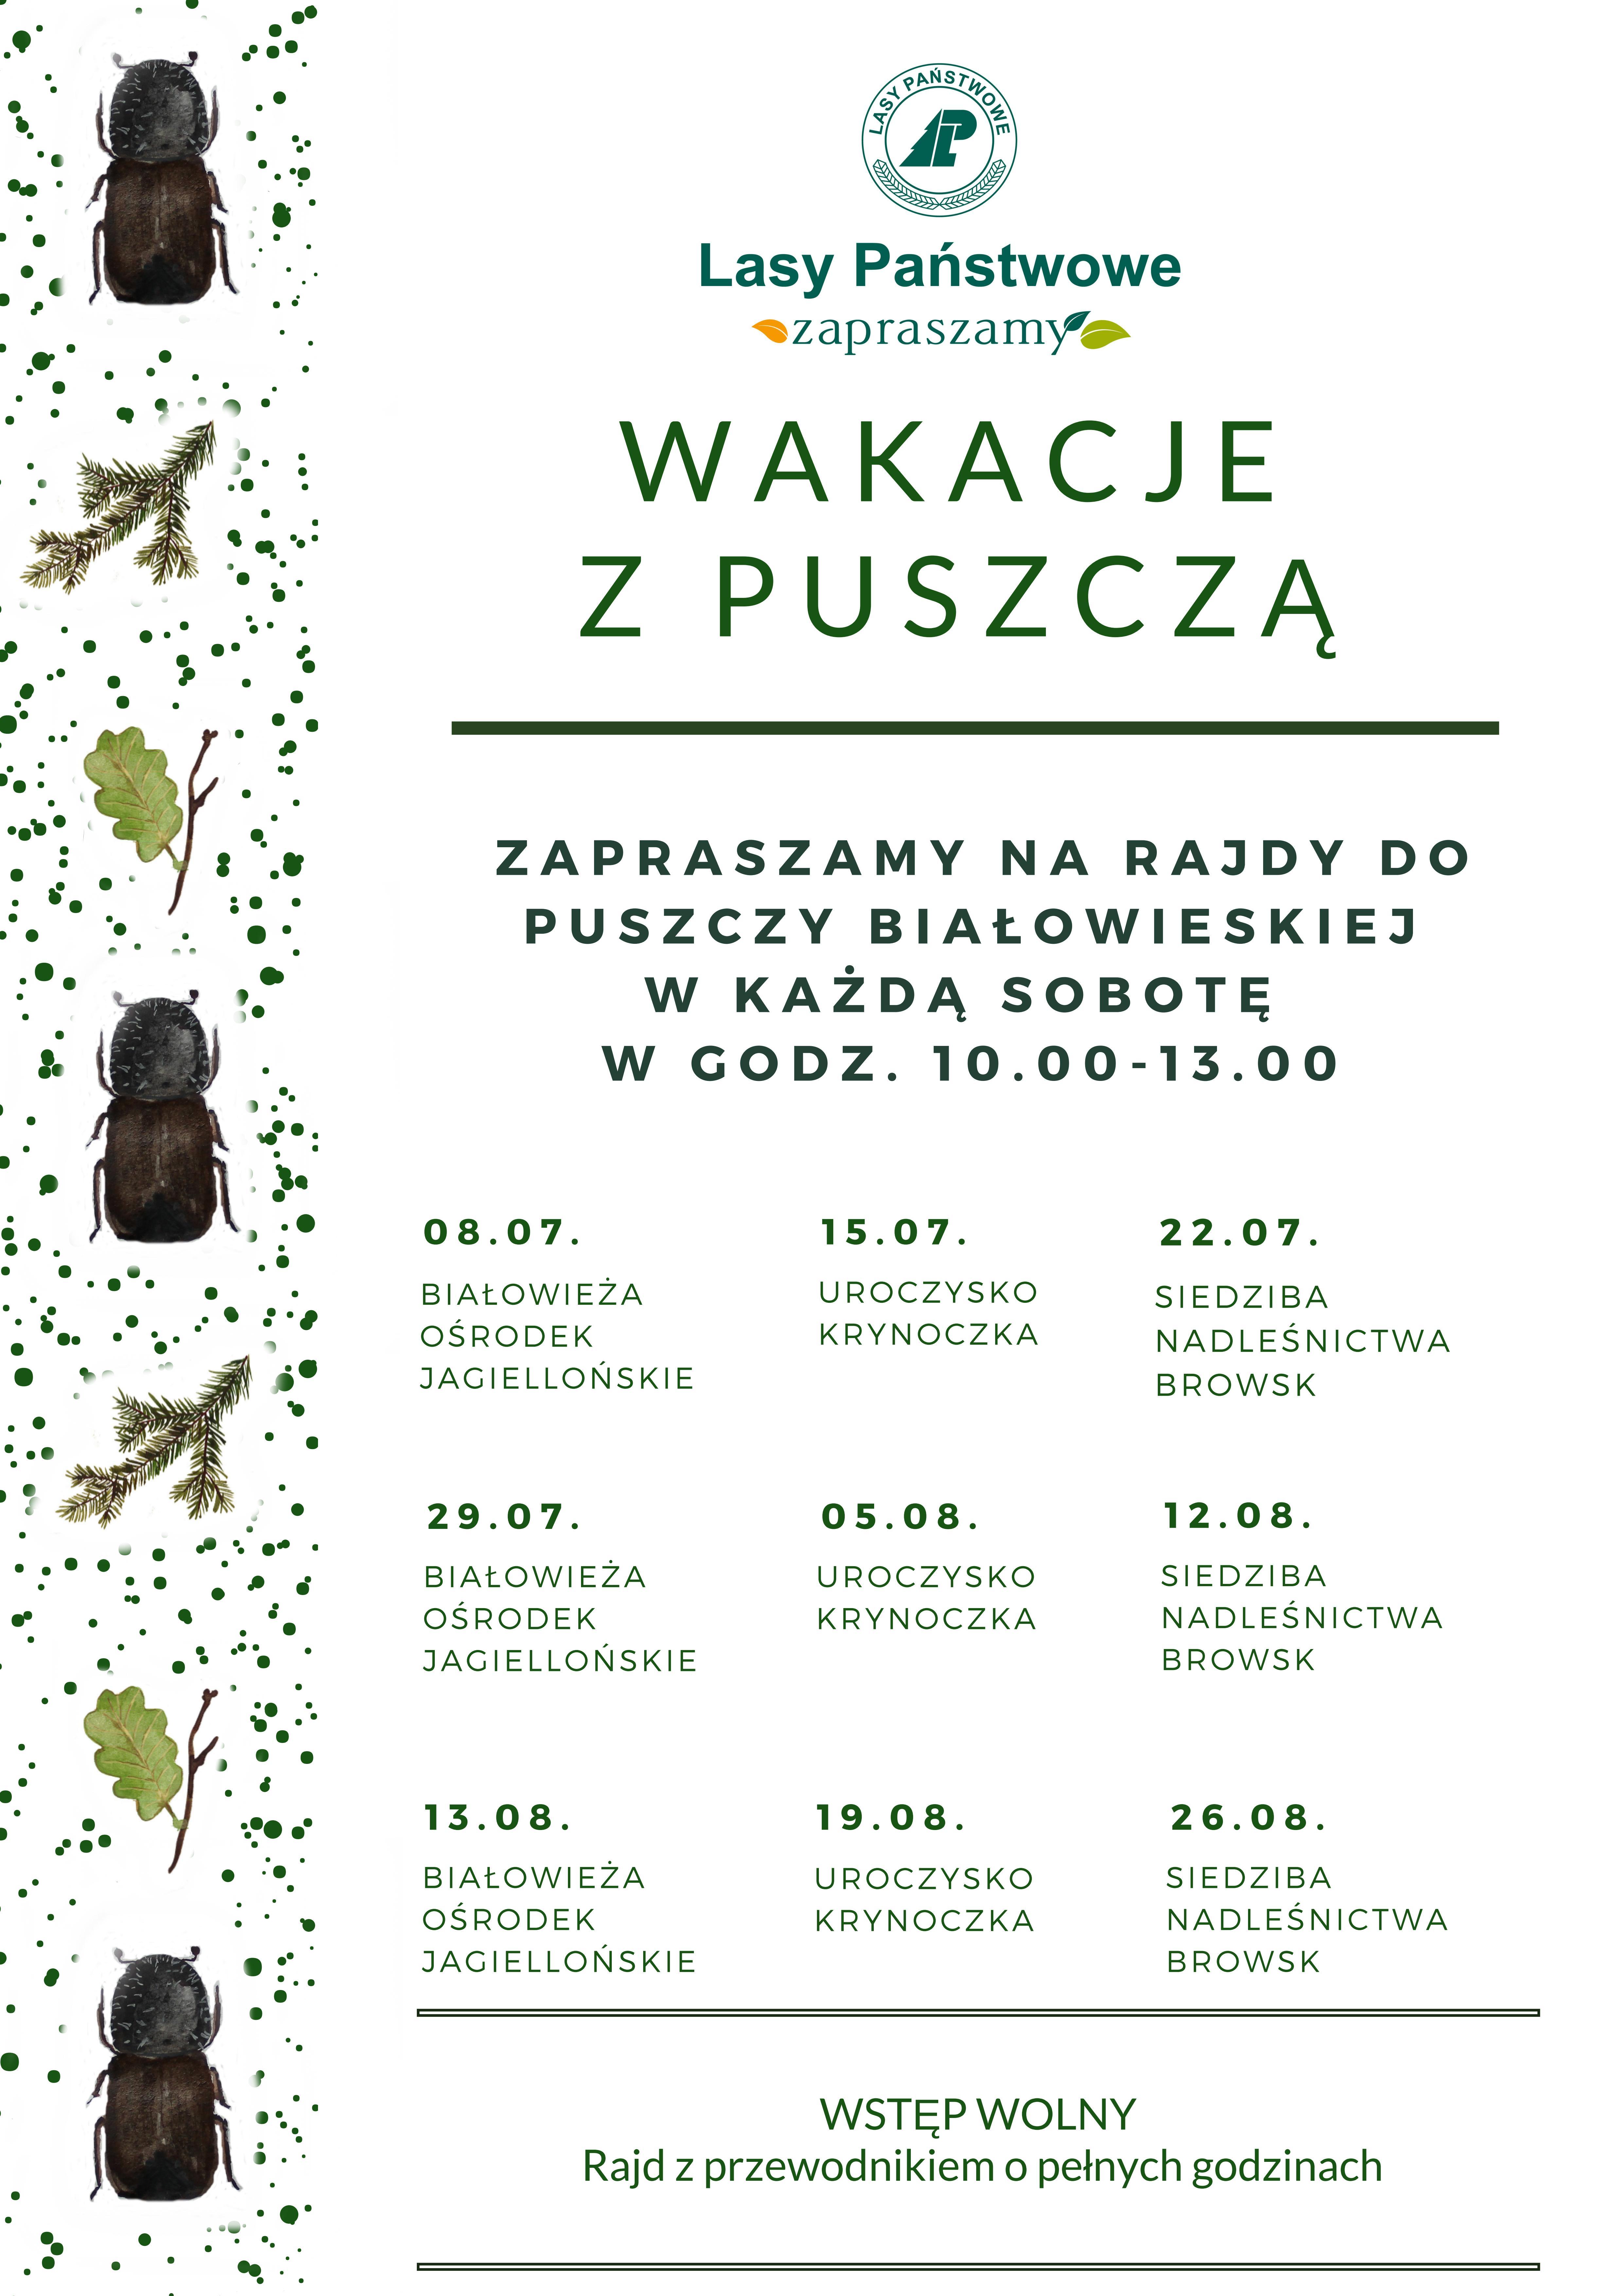 Plakat Wakacje z Puszczą